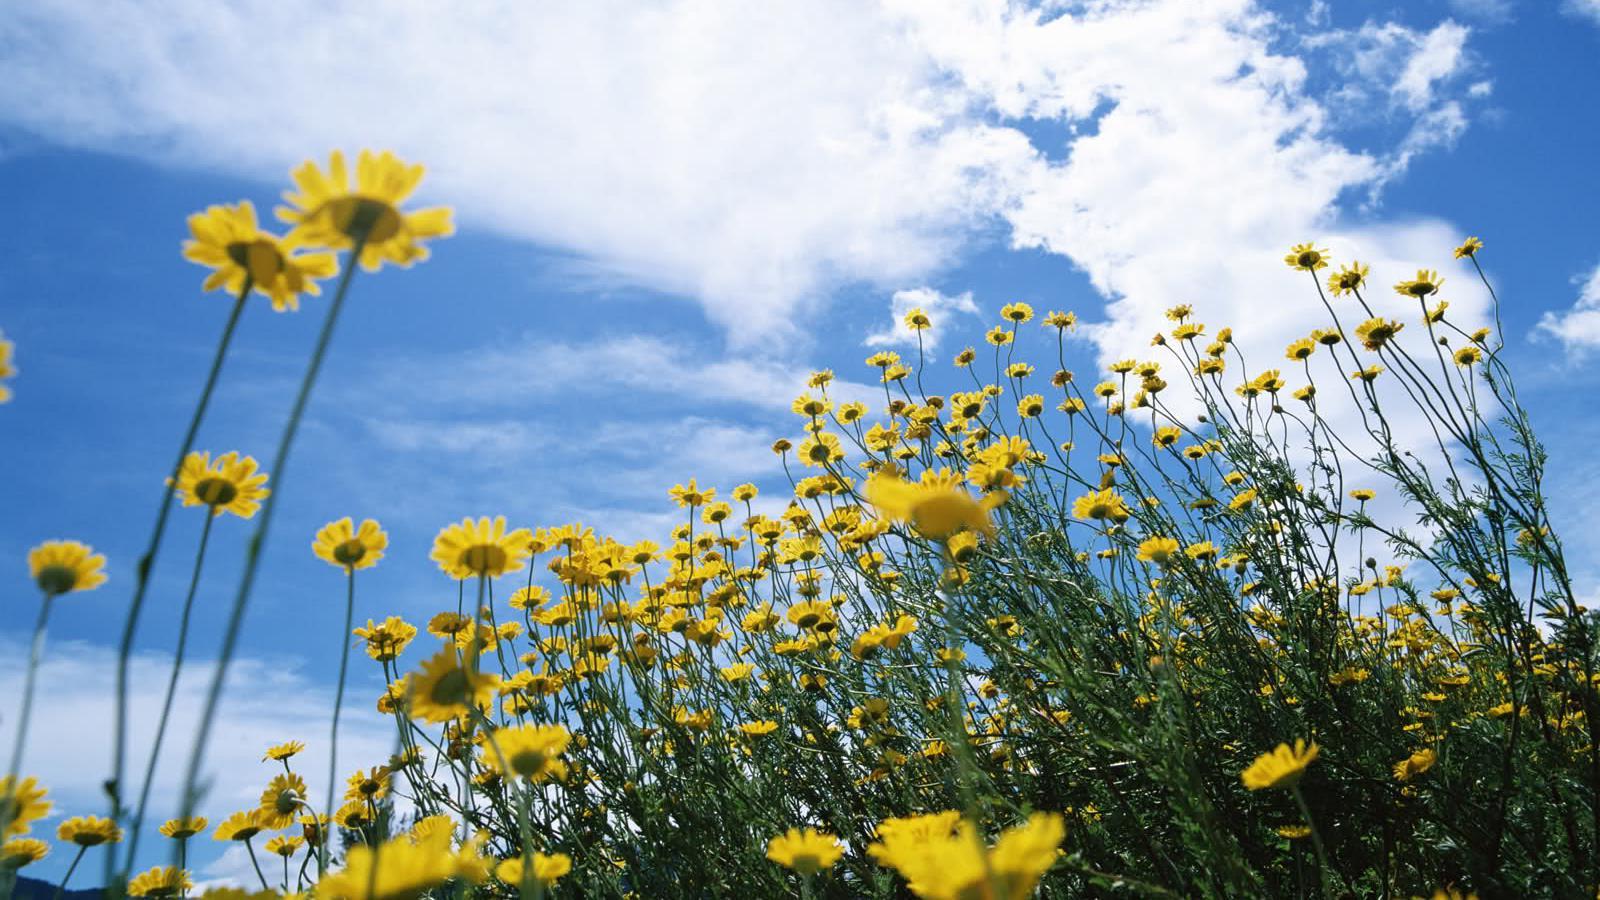 Картинки солнечной погоды летом, полосы